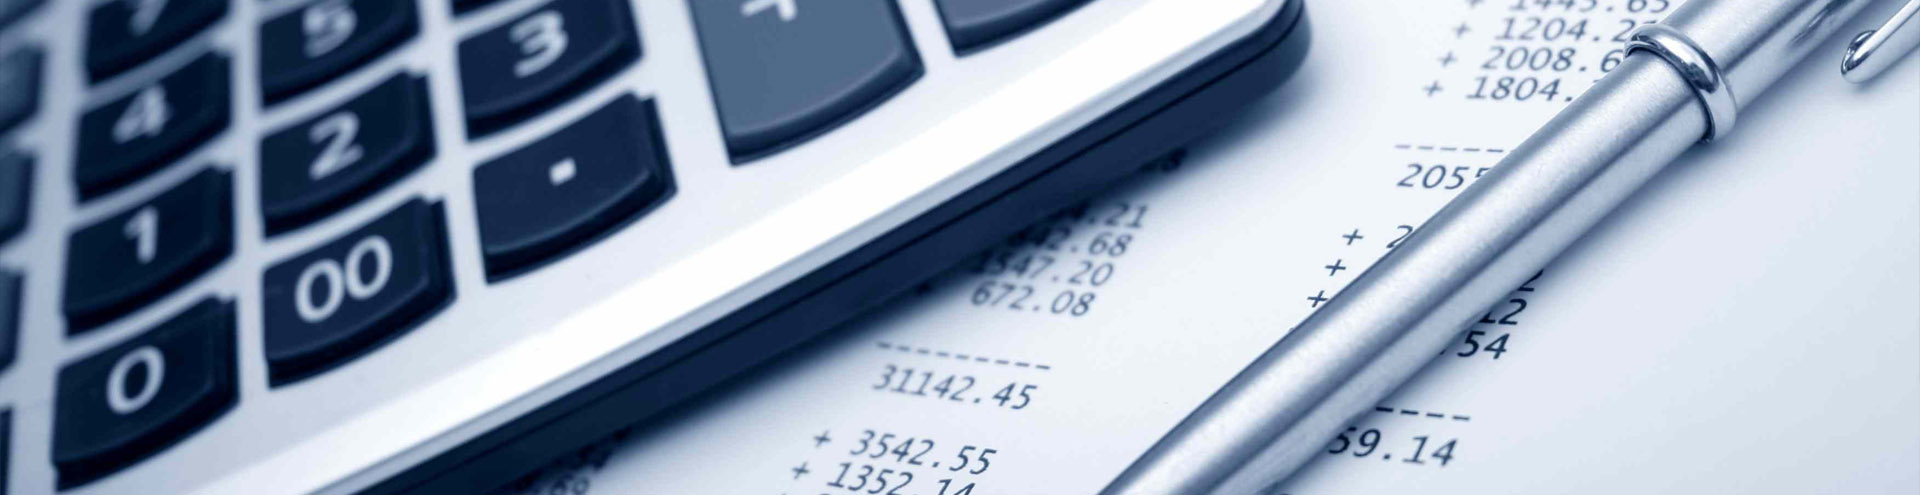 стоимость юридических услуг в Оренбурге